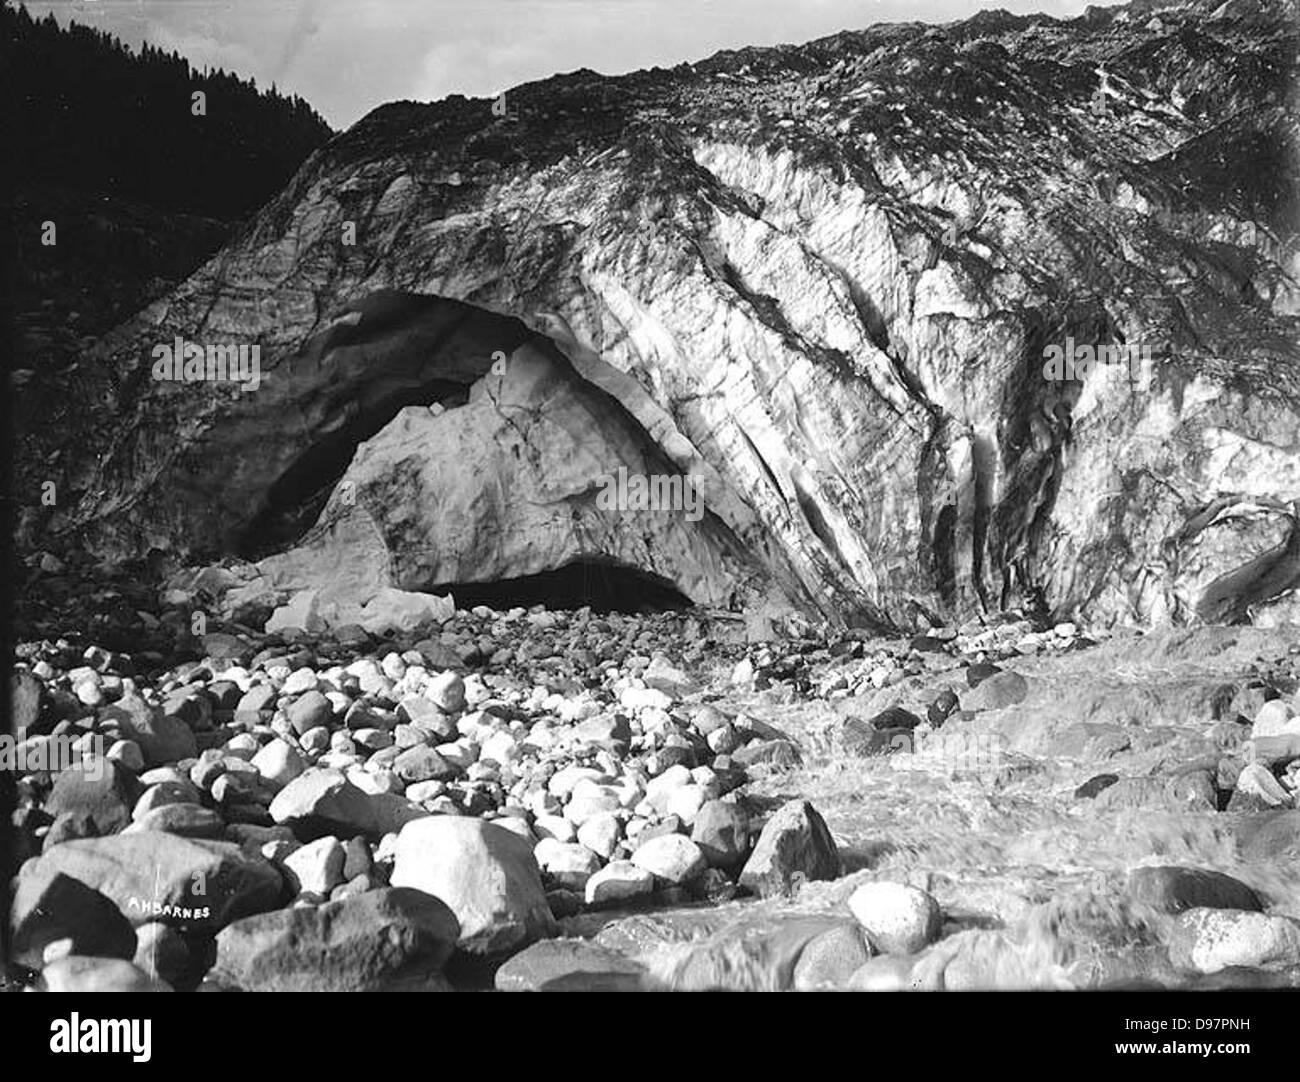 Cueva de hielo en el Glaciar Nisqually, el Parque Nacional Monte Rainier, Washington Foto de stock